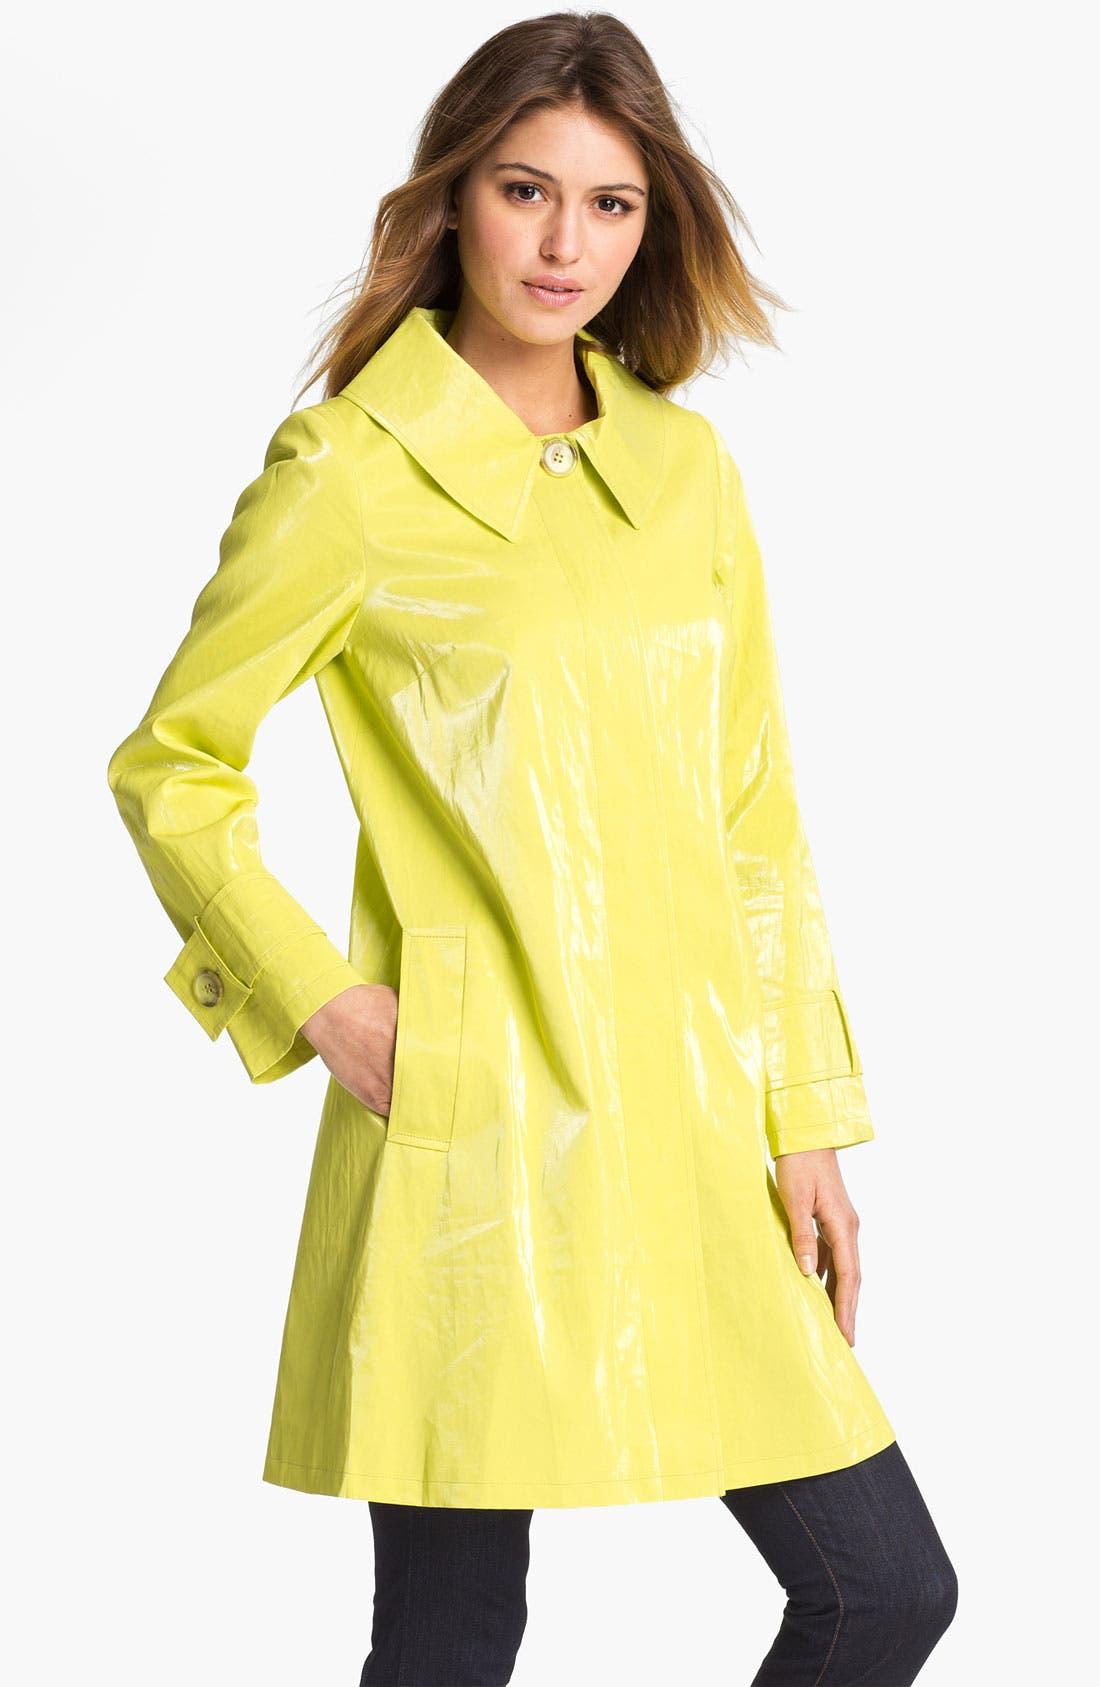 Alternate Image 1 Selected - Helene Berman 'Mod' Coated Linen Blend Coat